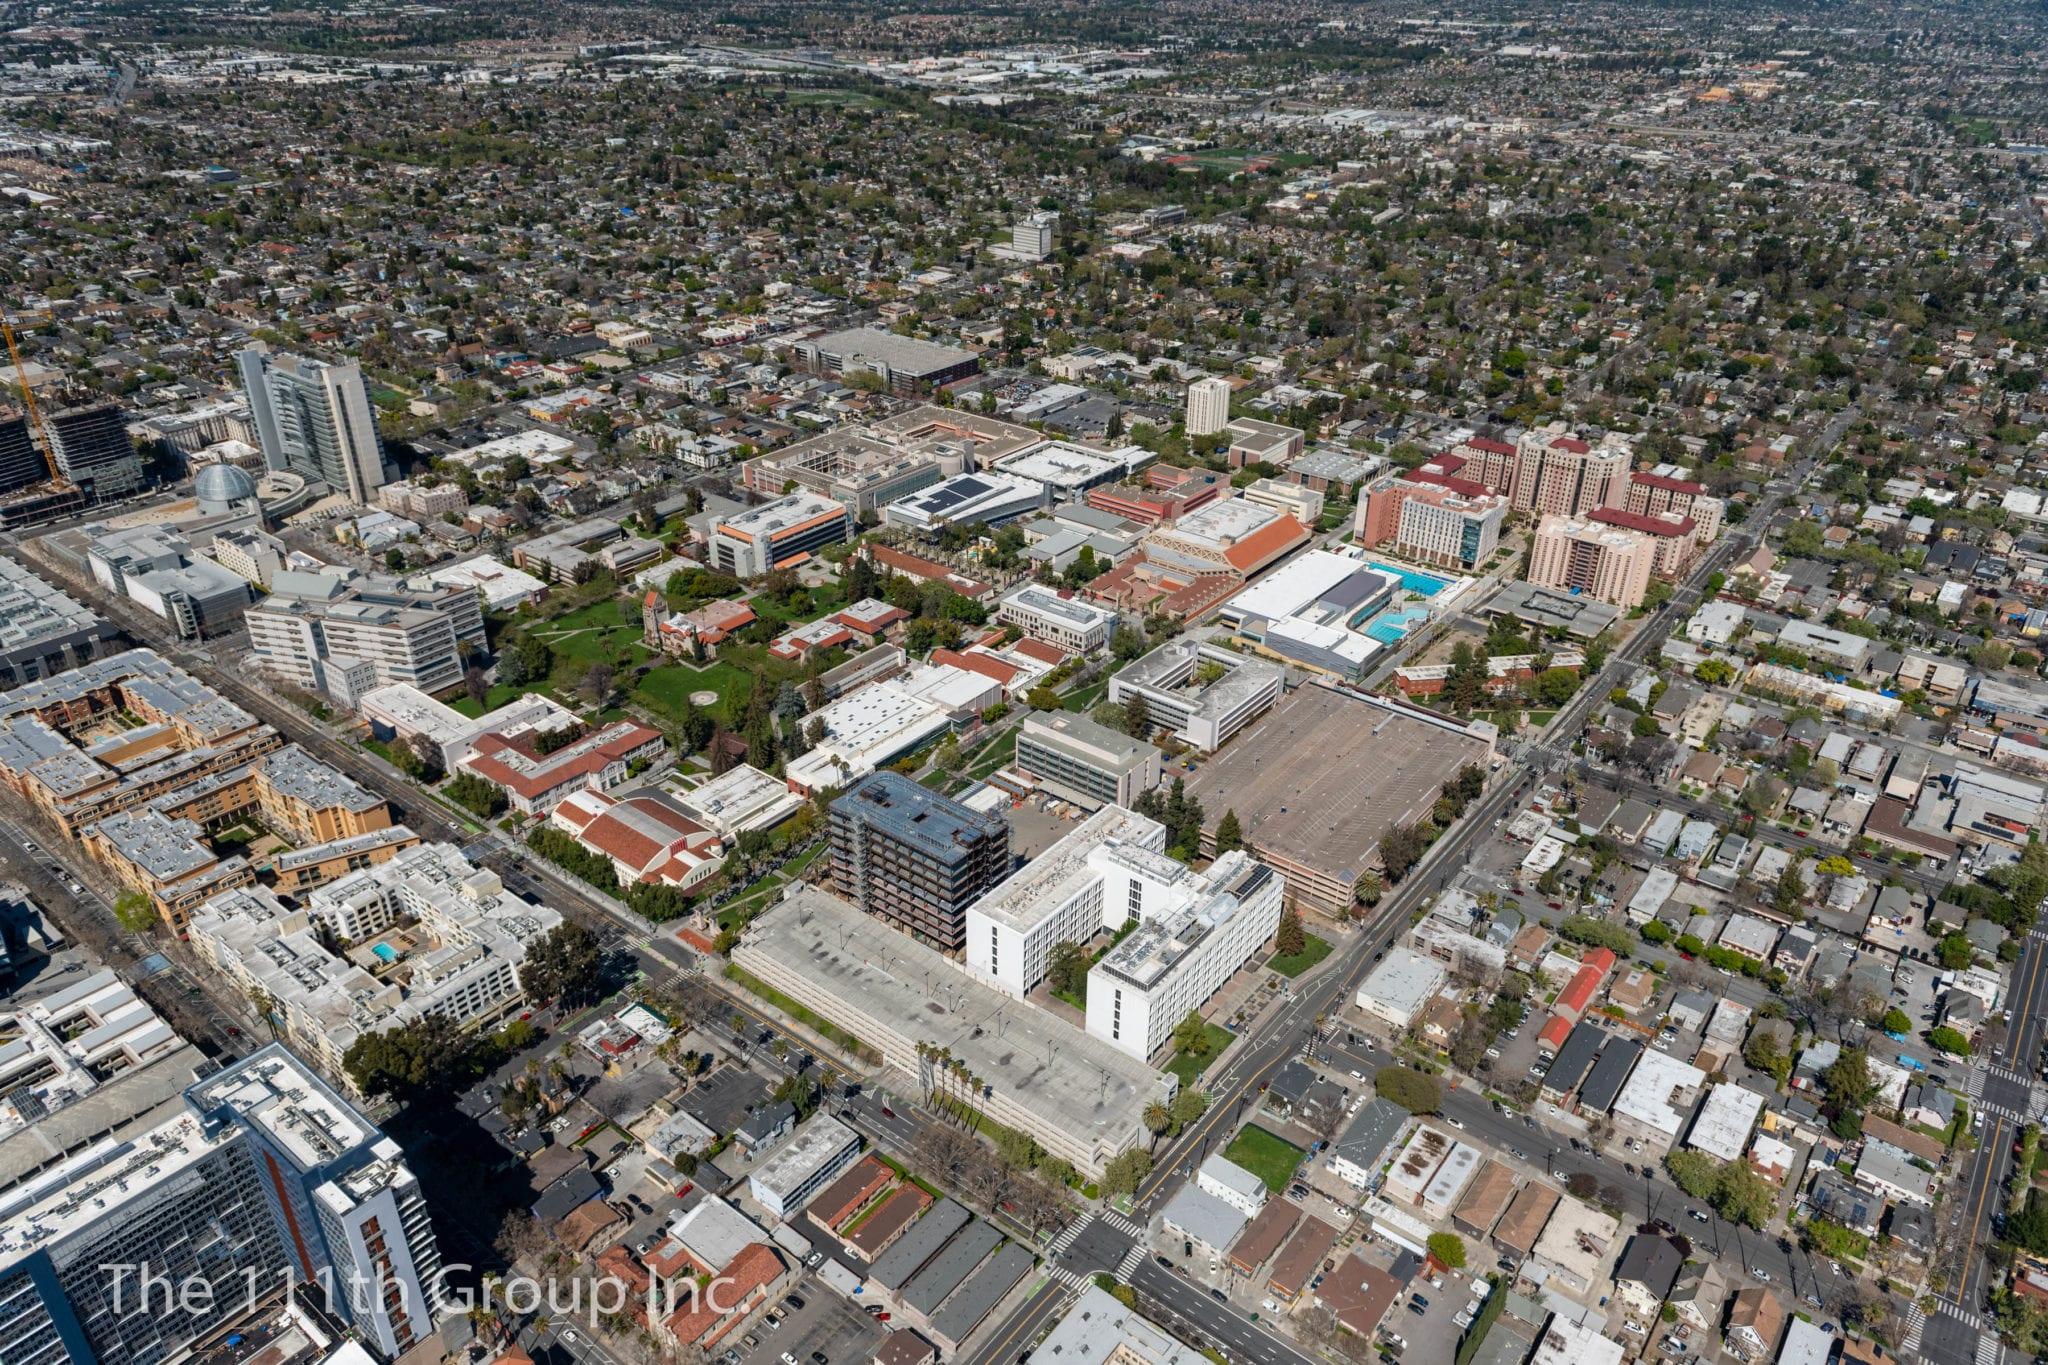 Vista aerea de San Jose